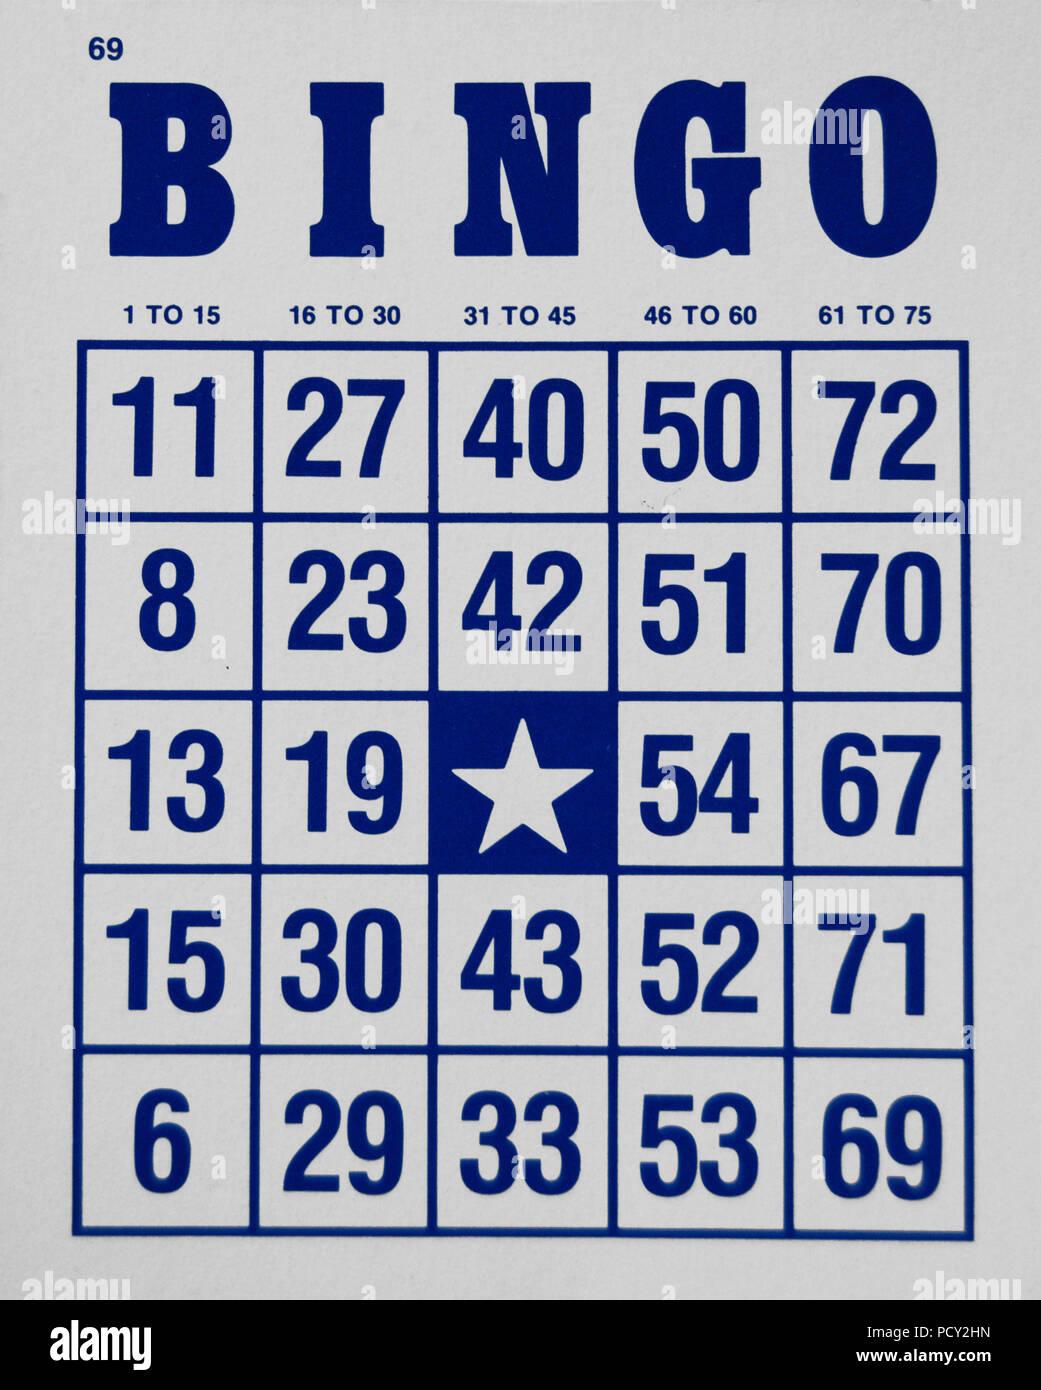 Cartones de bingo para marcar  color azul